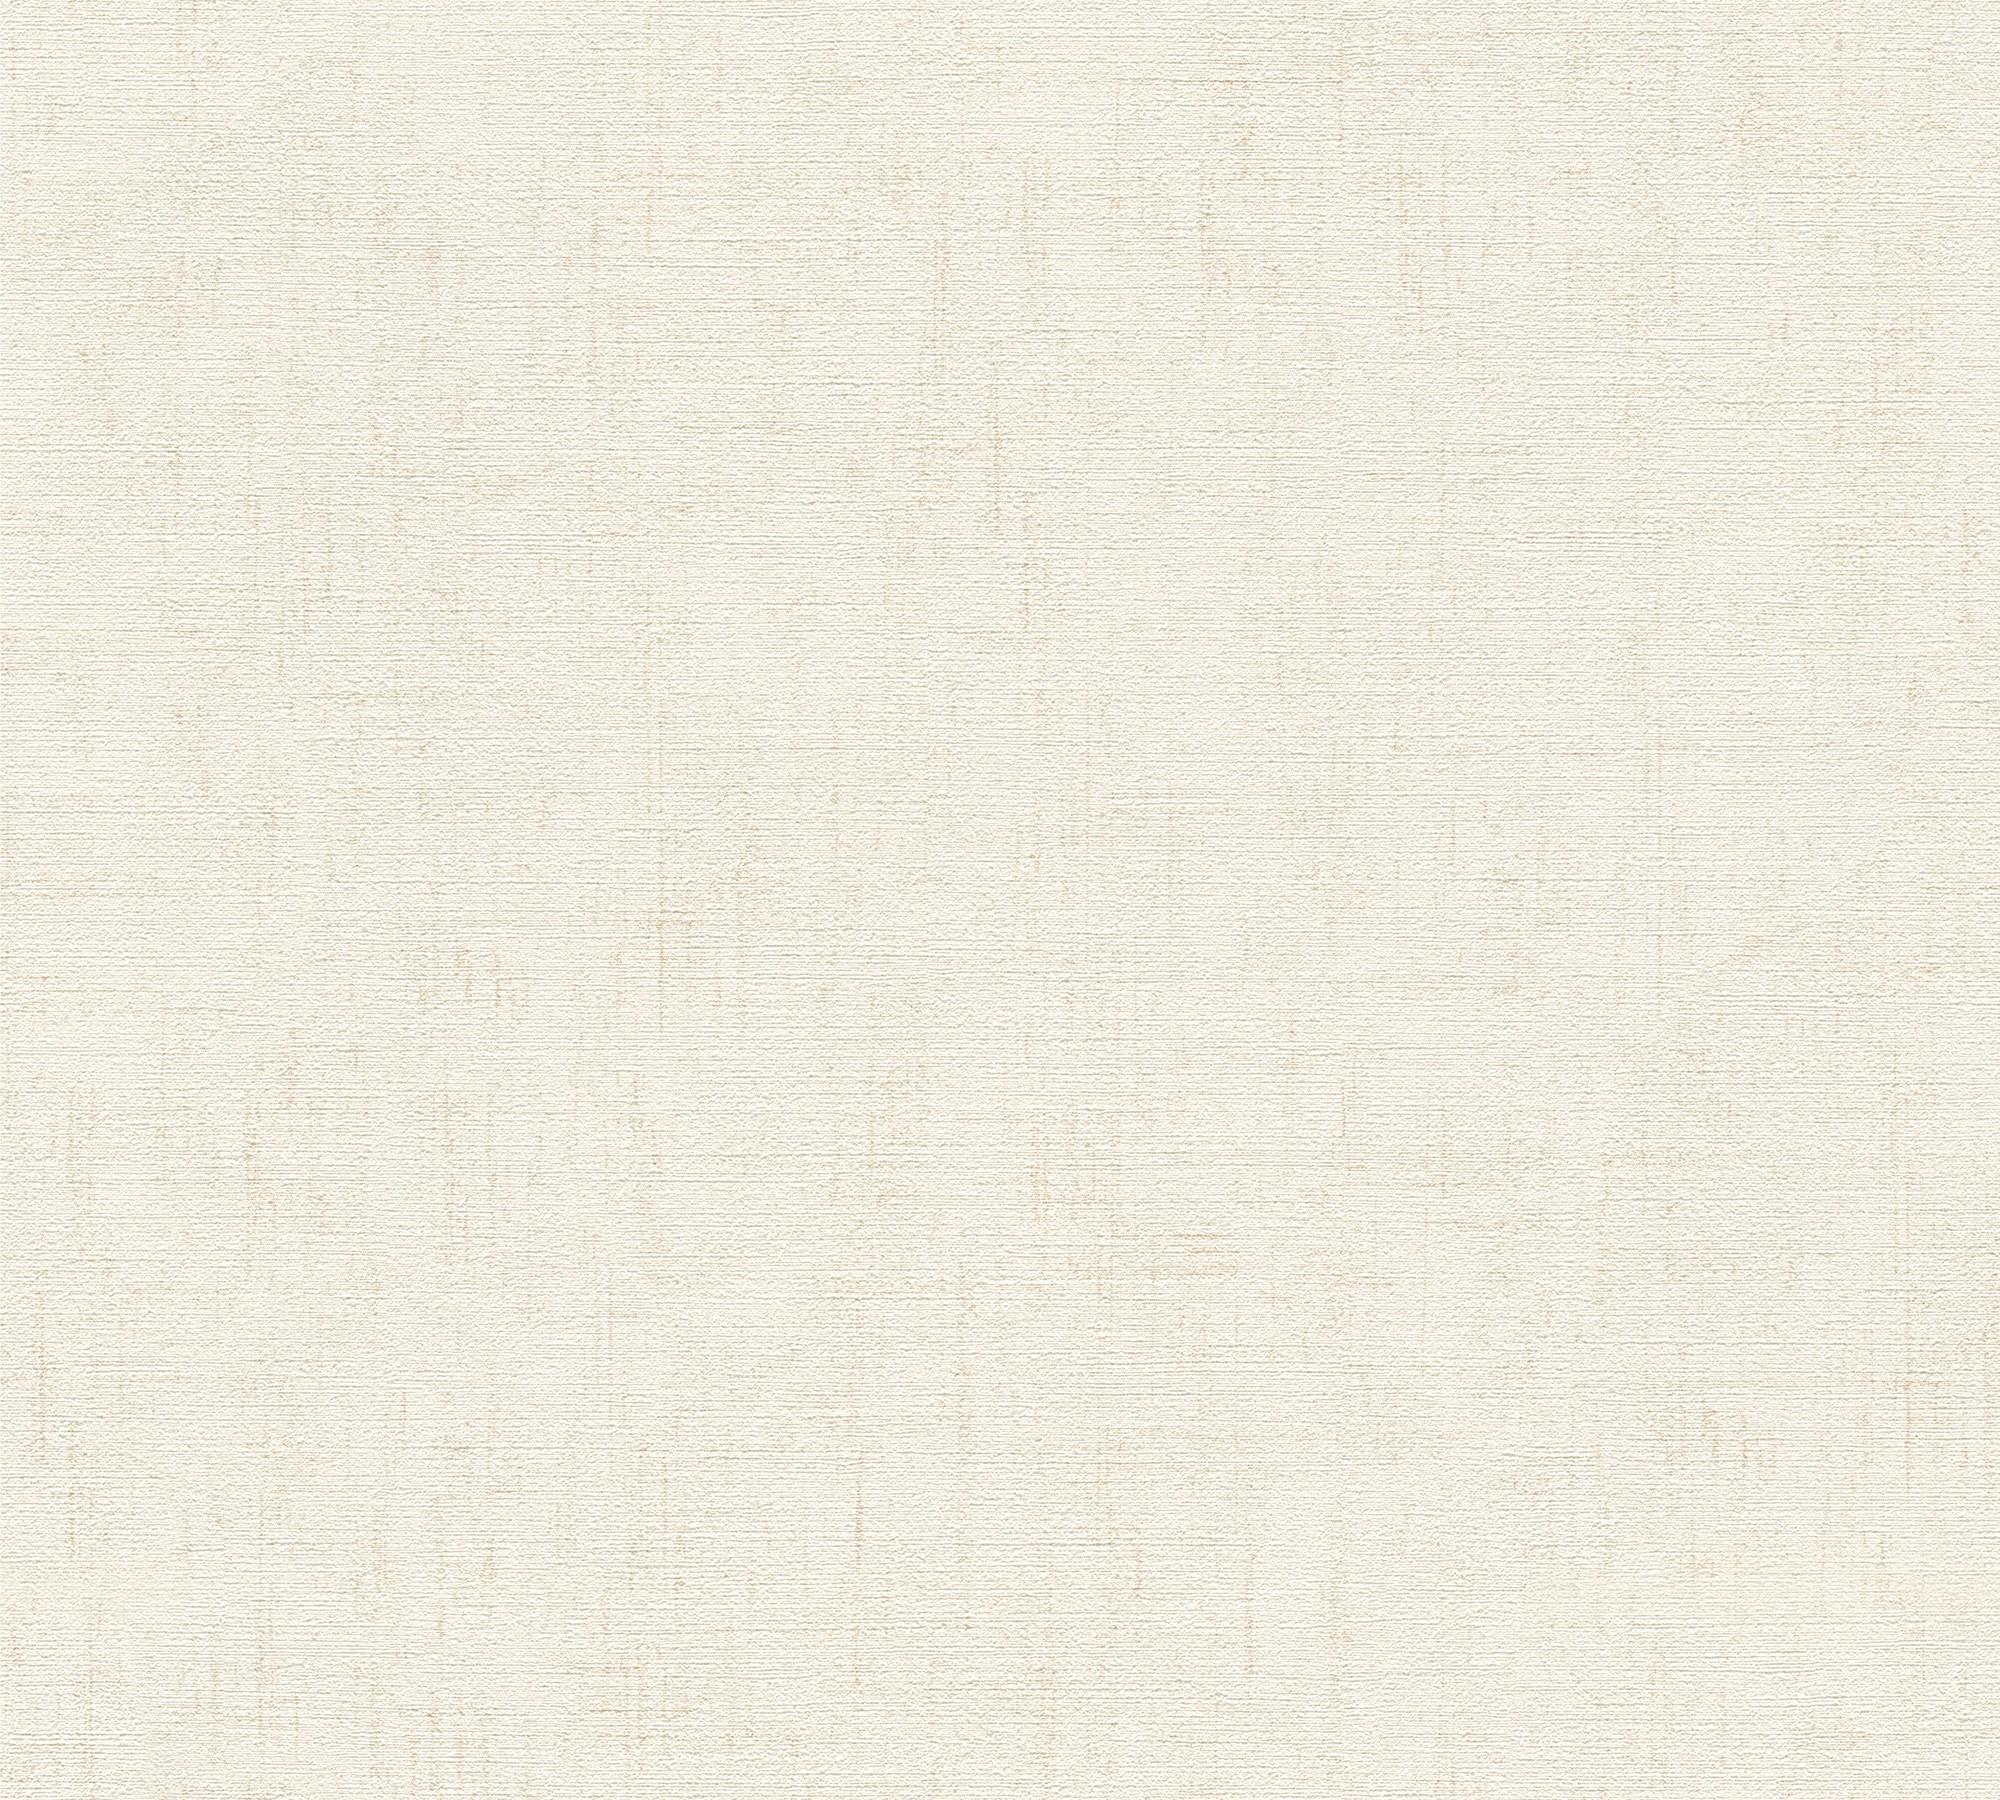 Binkele Farben, Lacke & Tapeten Onlinehandel - ascreation Greenery 32262-2